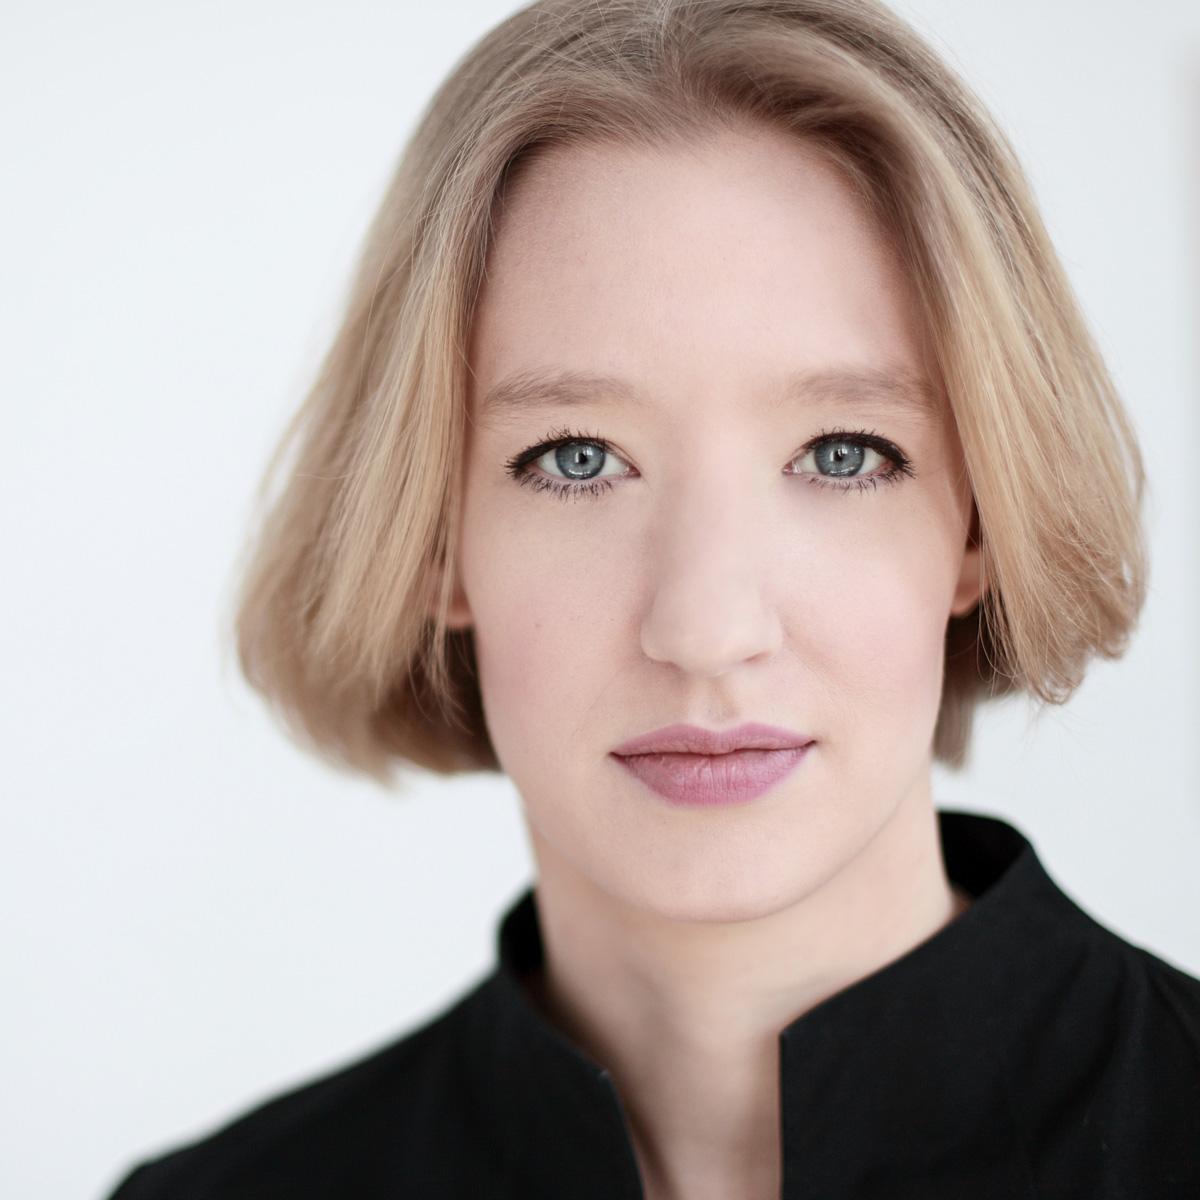 Joana Mallwitz, GMD Erfurt - Künstlerfotos von Nicolas Kröger